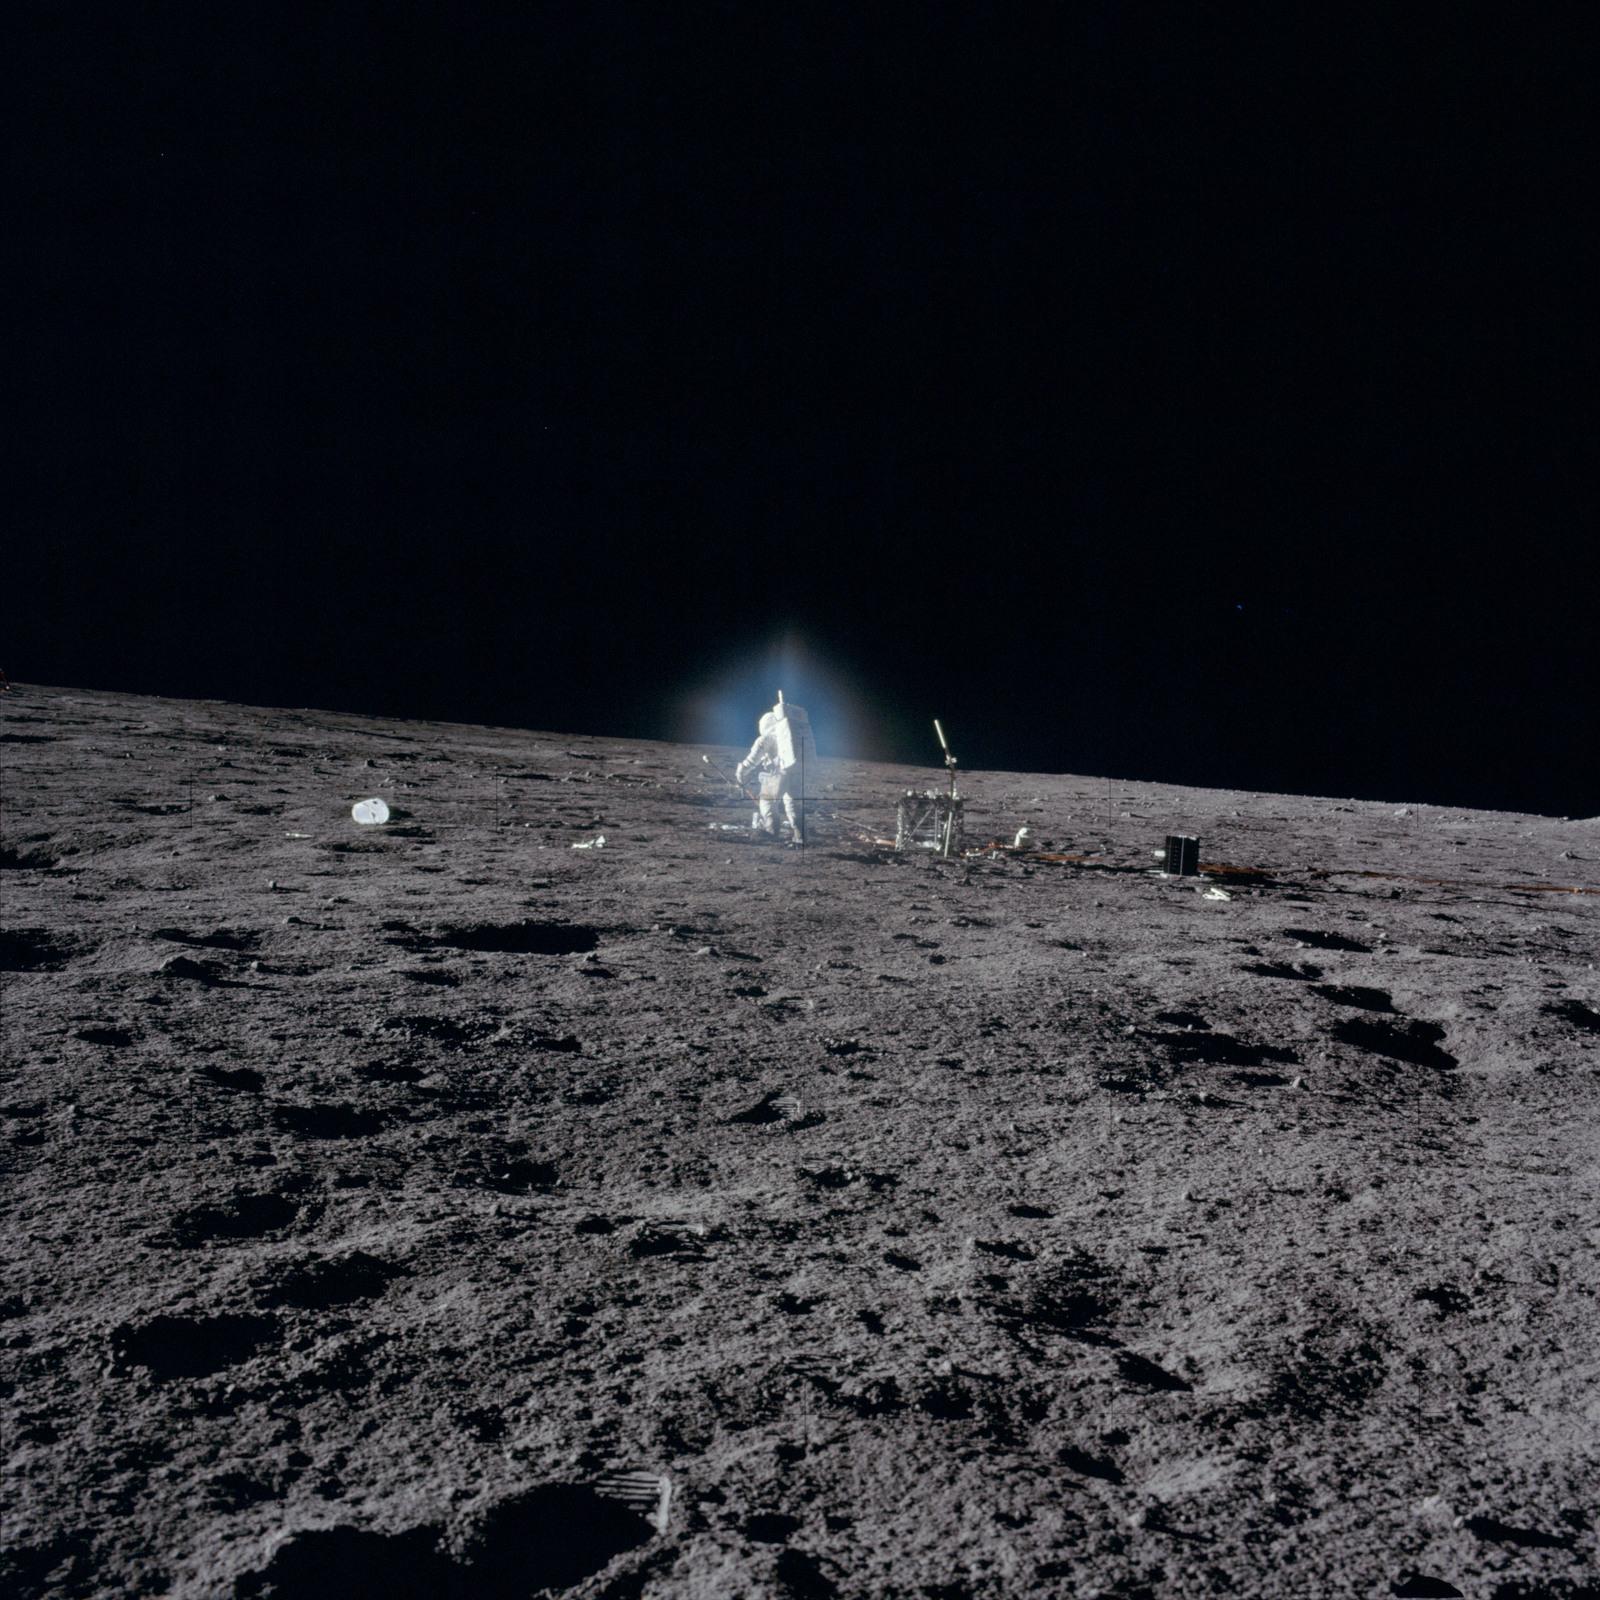 AS12-46-6826 - Apollo 12 - Apollo 12 Mission image  - Astronaut Bean deploys ALSEP Central Station